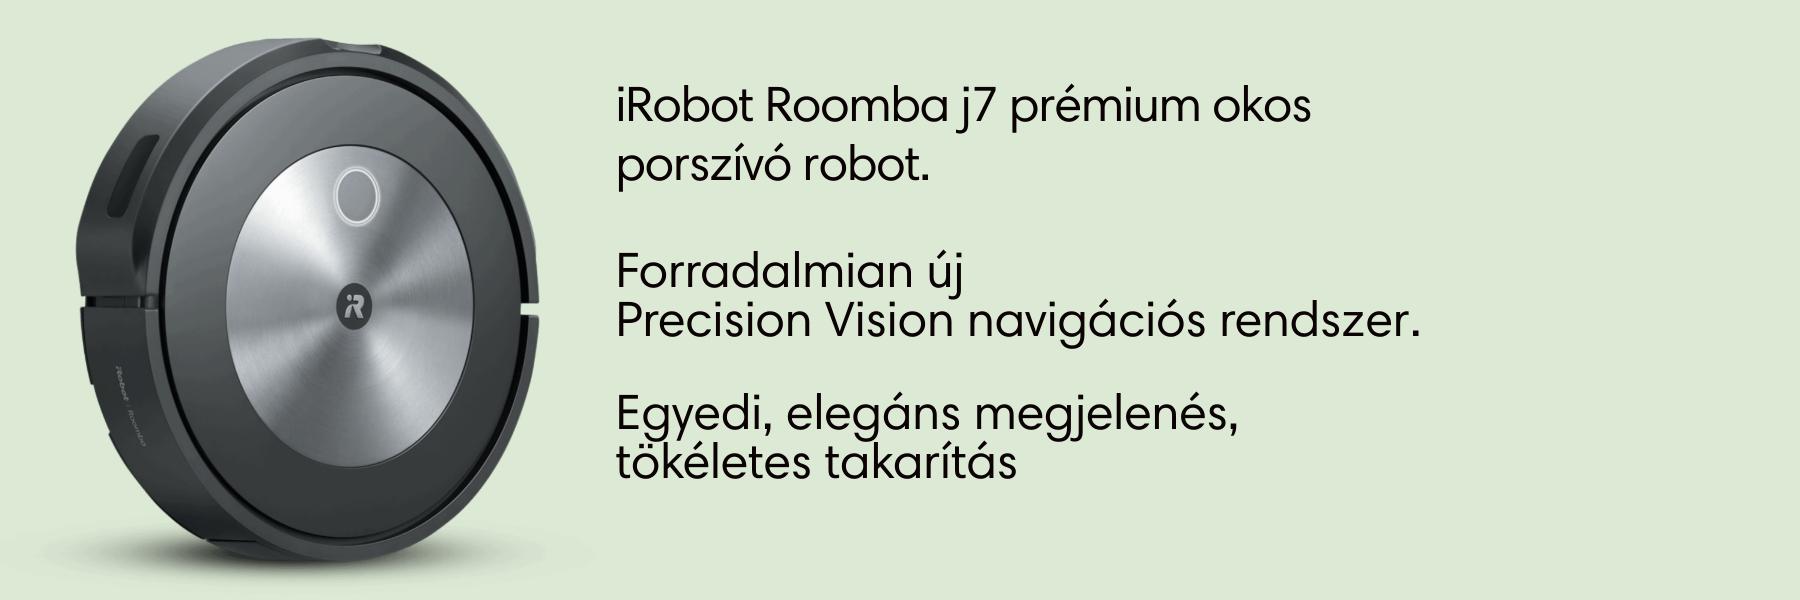 iRobot Roomba j7 robotporszívó